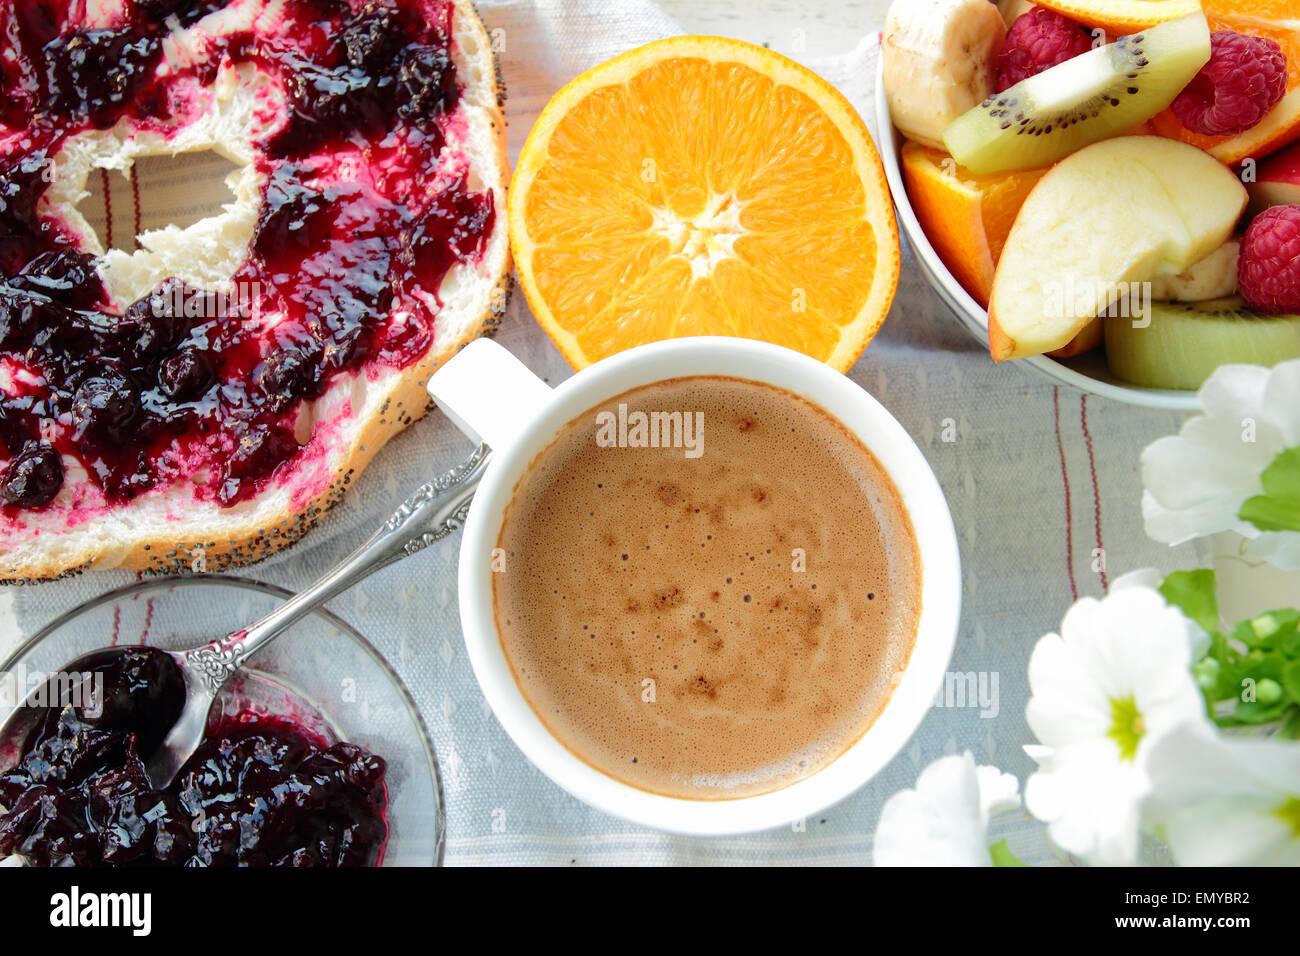 Desayuno con pan con mermelada de grosella, café y frutas Imagen De Stock